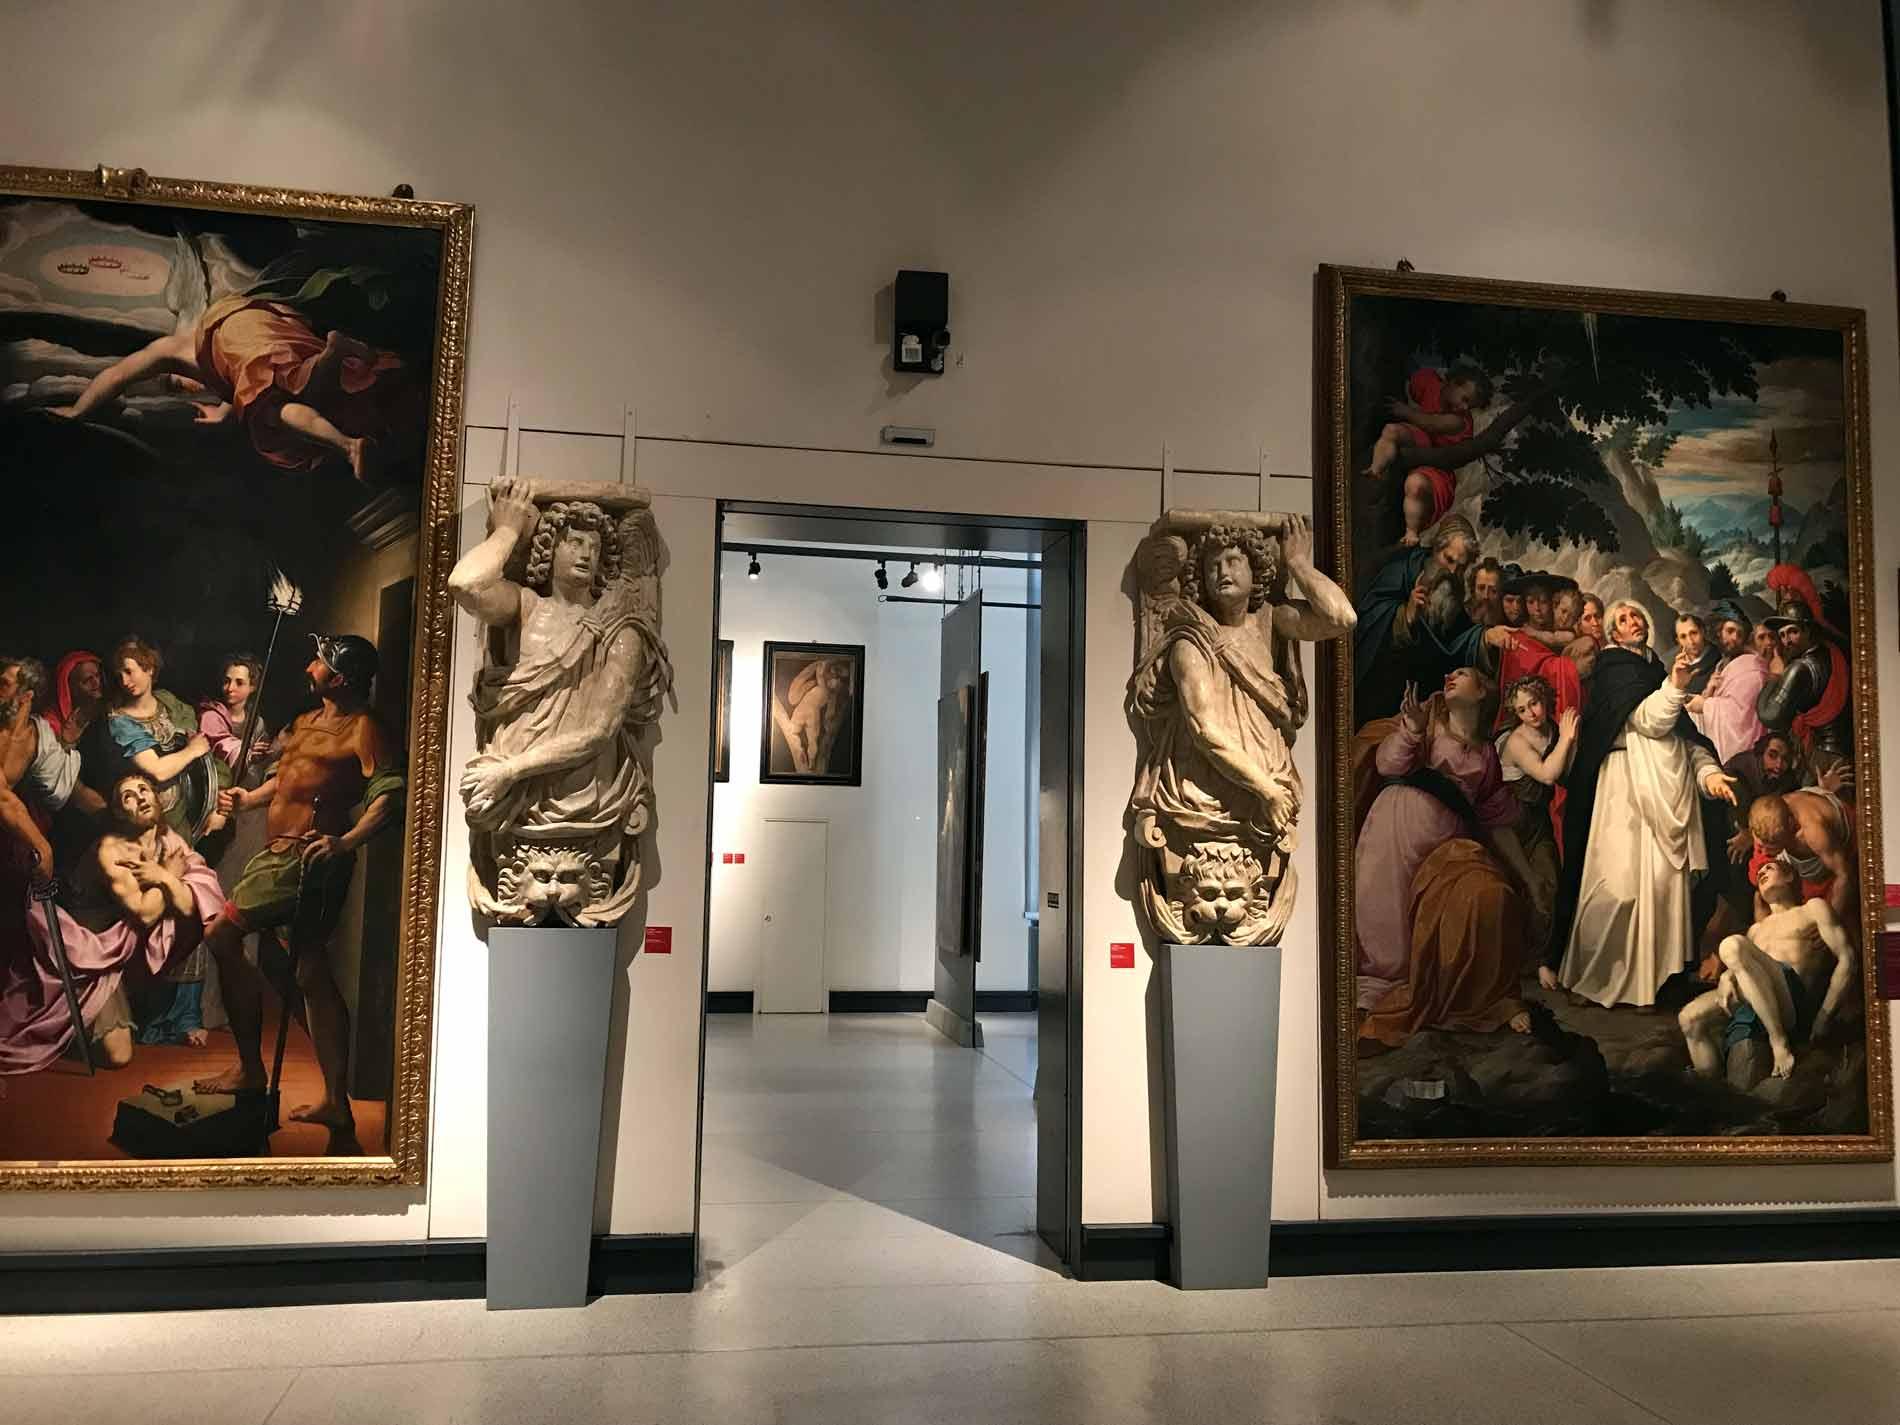 Museo-civico-ala-ponzone-cremona-collezione-pittori-cremonesi